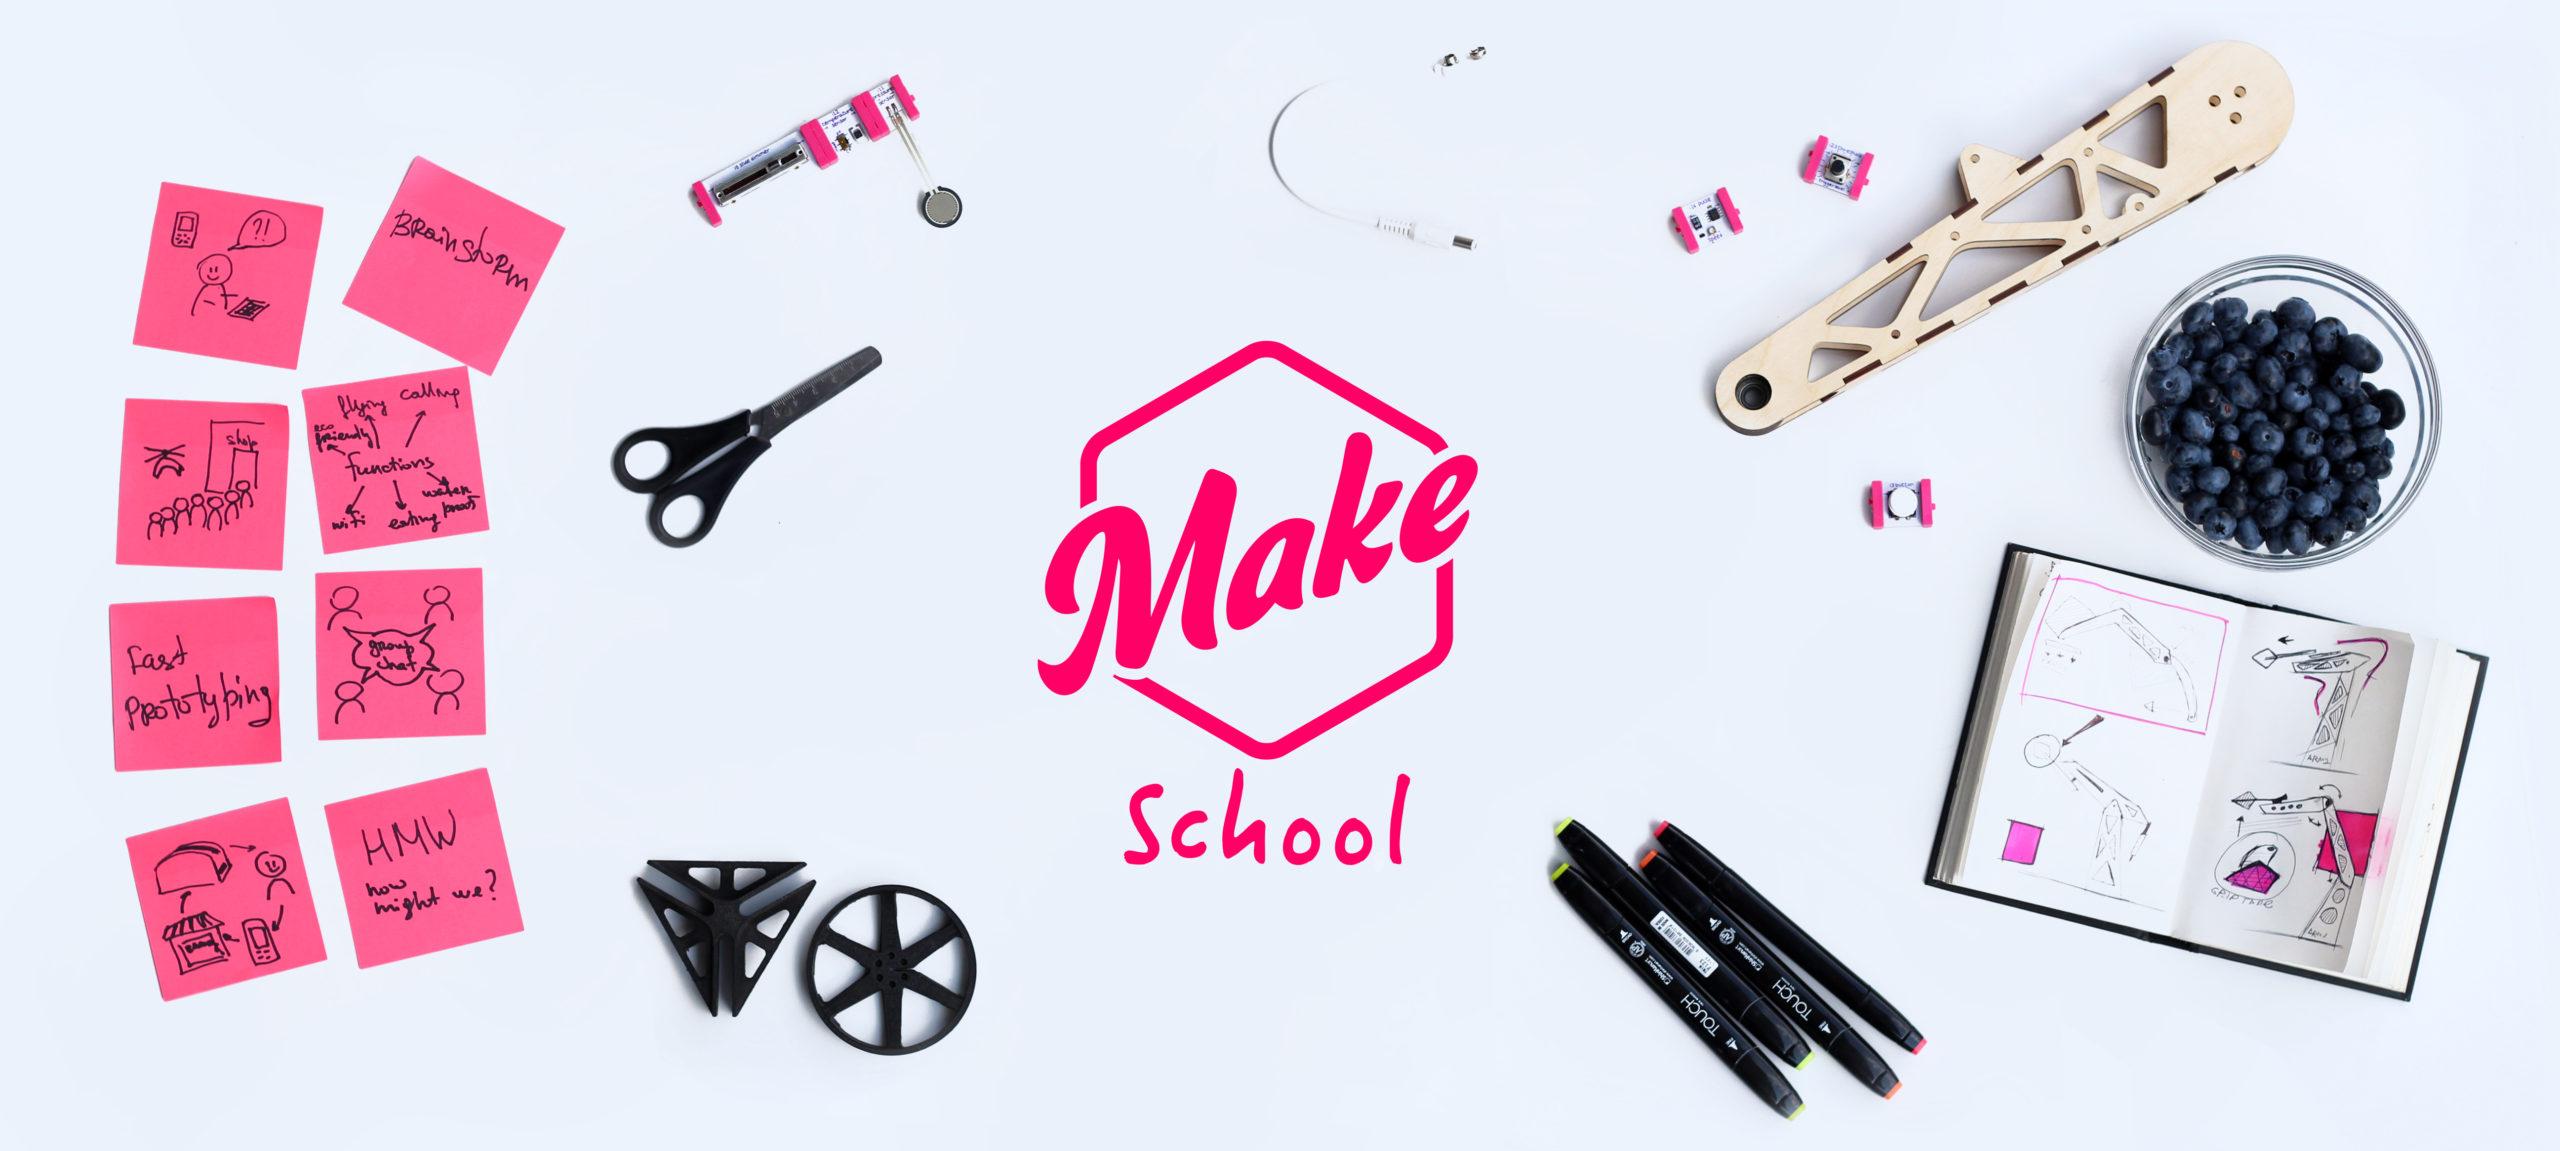 дизайн мышление промышленный дизайн